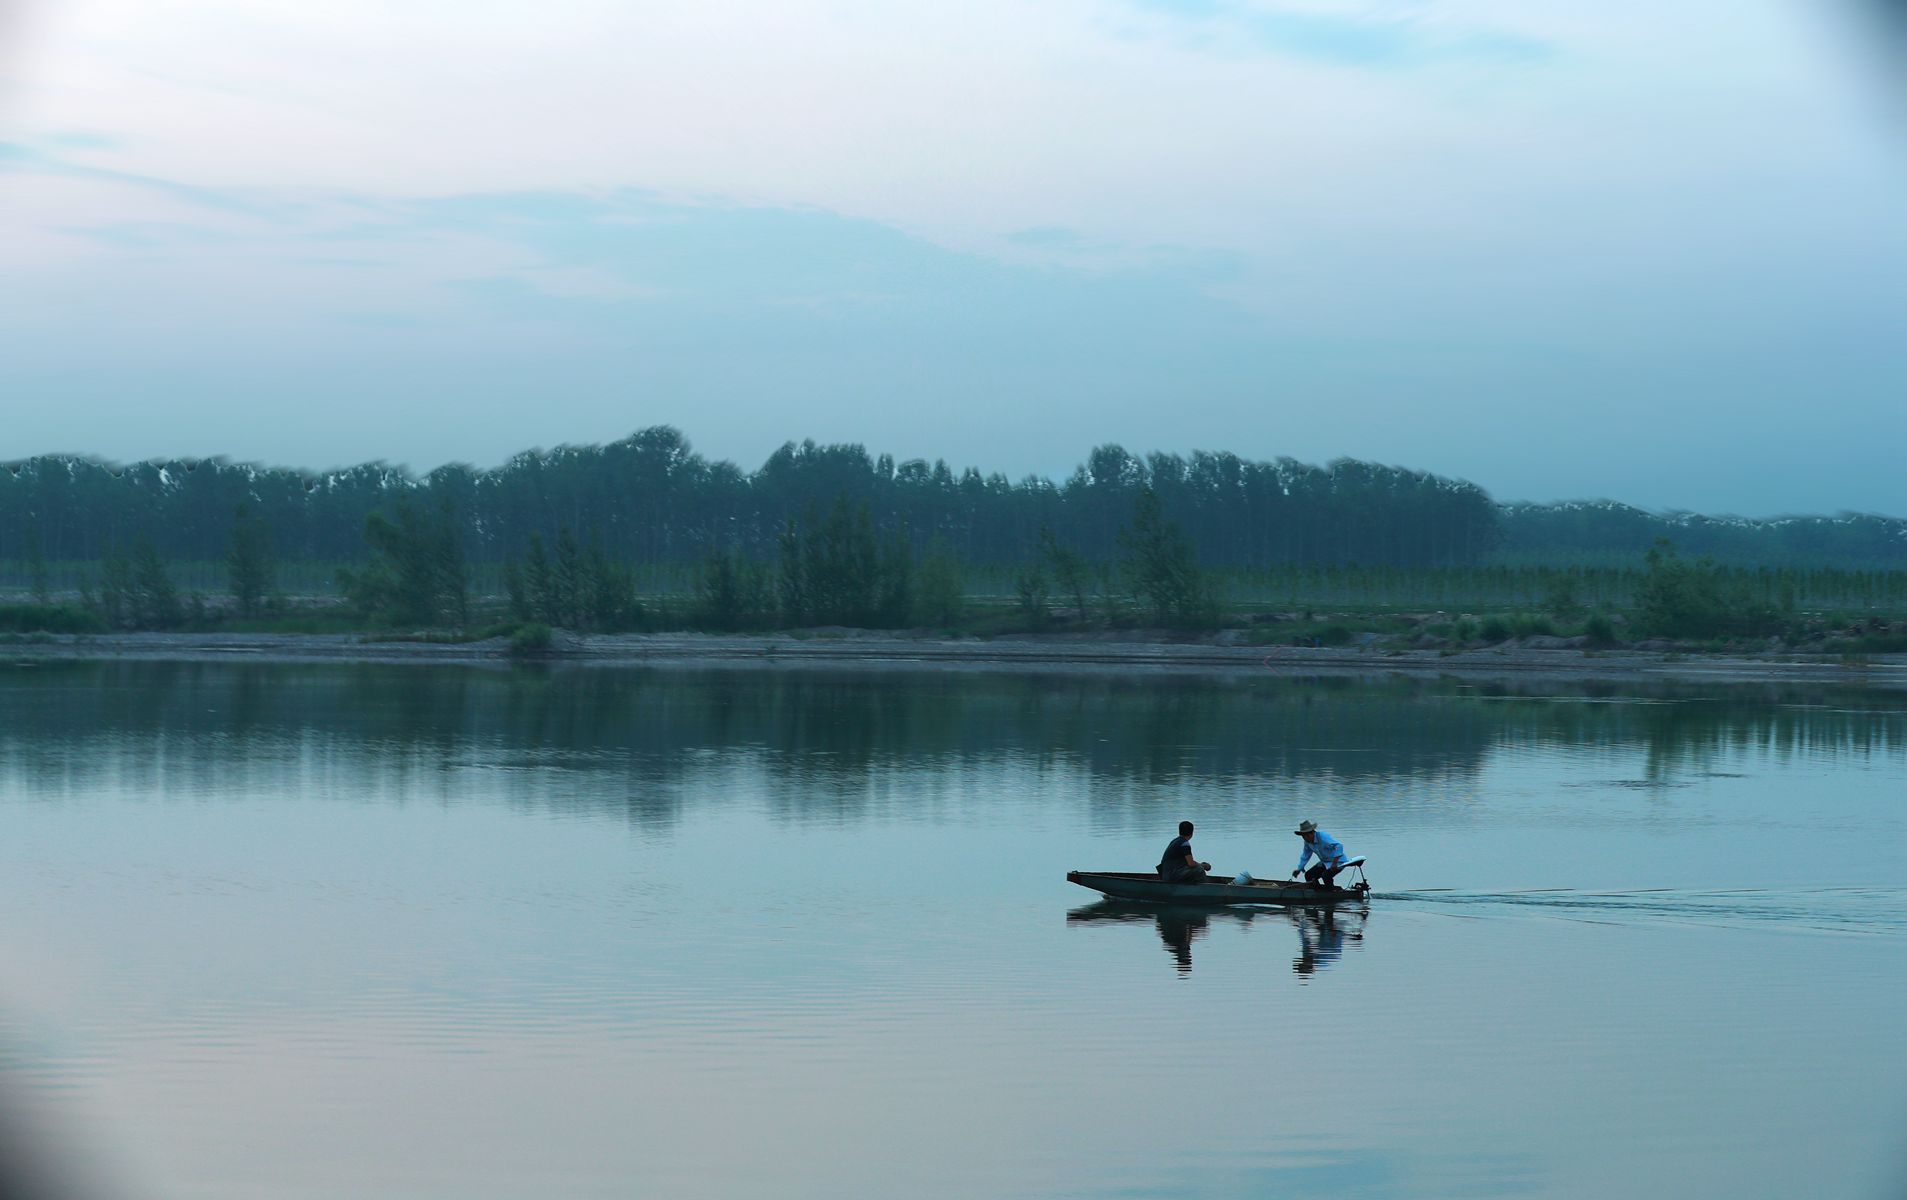 摄影论坛 69 数码摄影论坛作品专区 69 自然风景 69 l滦州古城